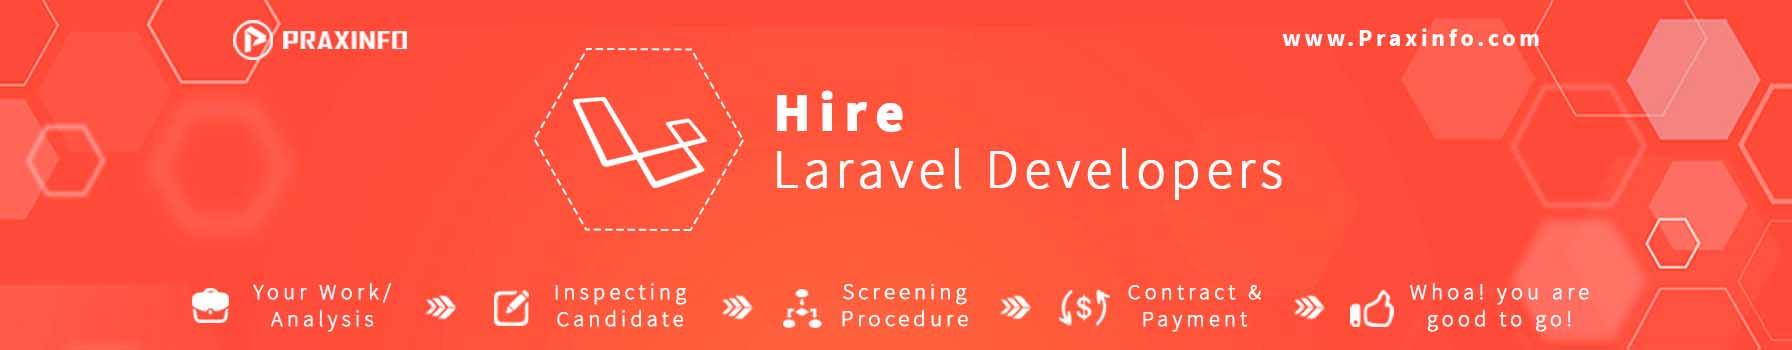 hire-Laravel-developer-banner.jpg